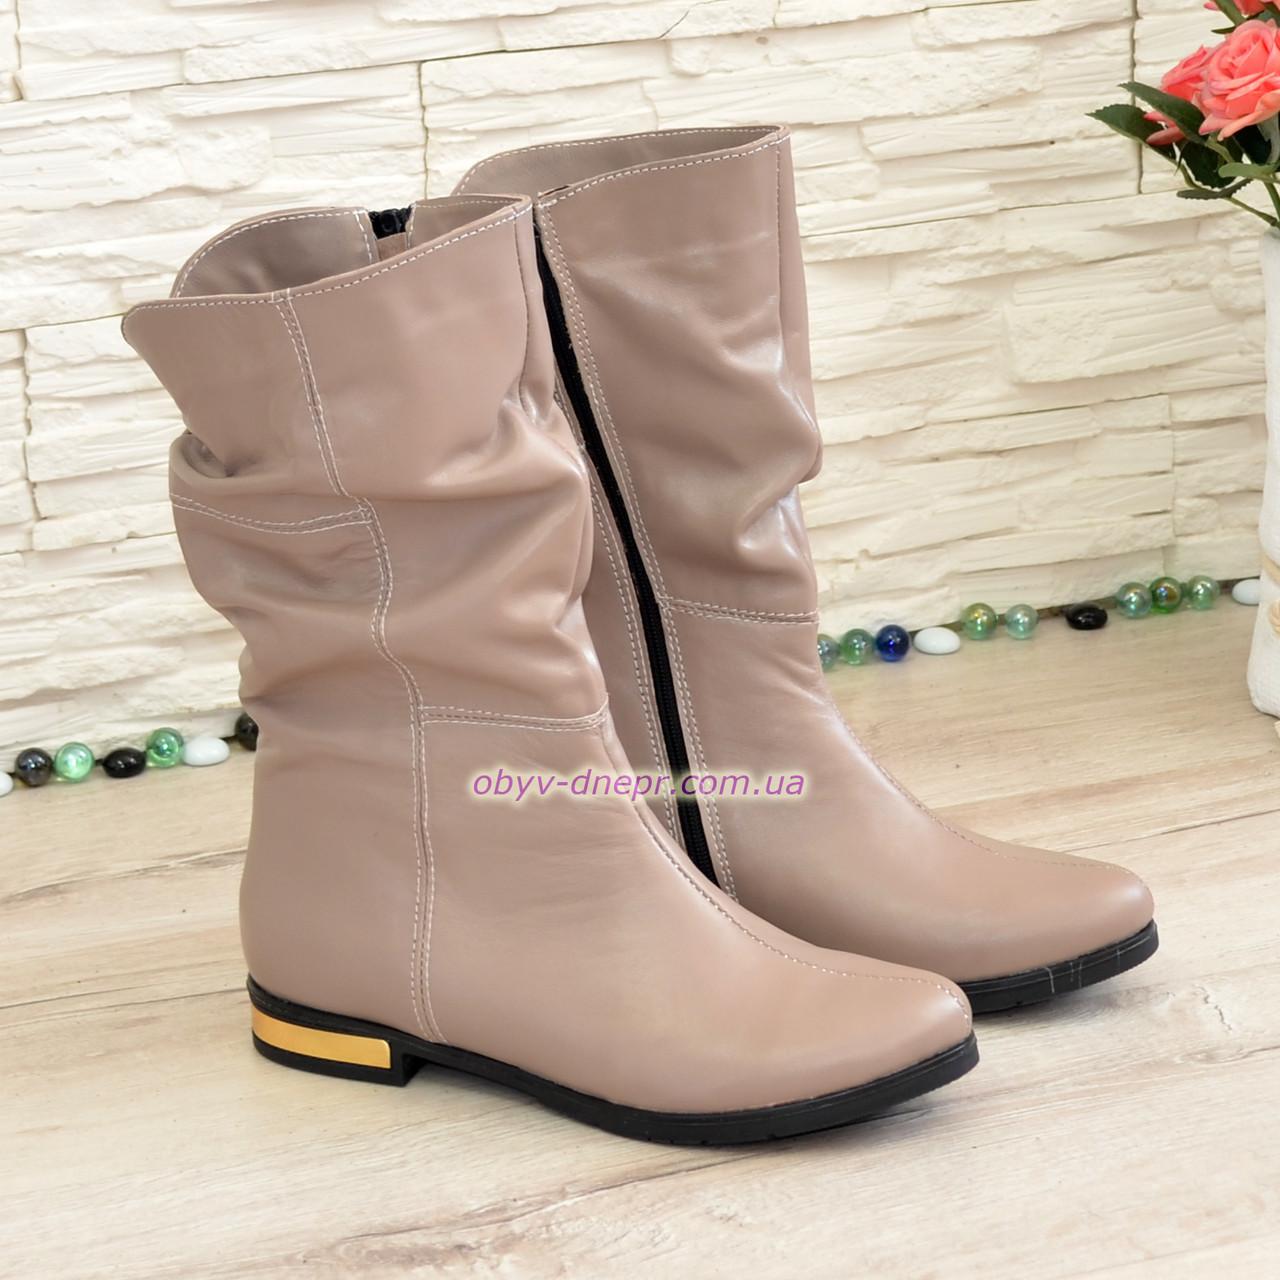 """Женские демисезонные ботинки на байке, из натуральной кожи от производителя  ТМ """"Maestro"""""""